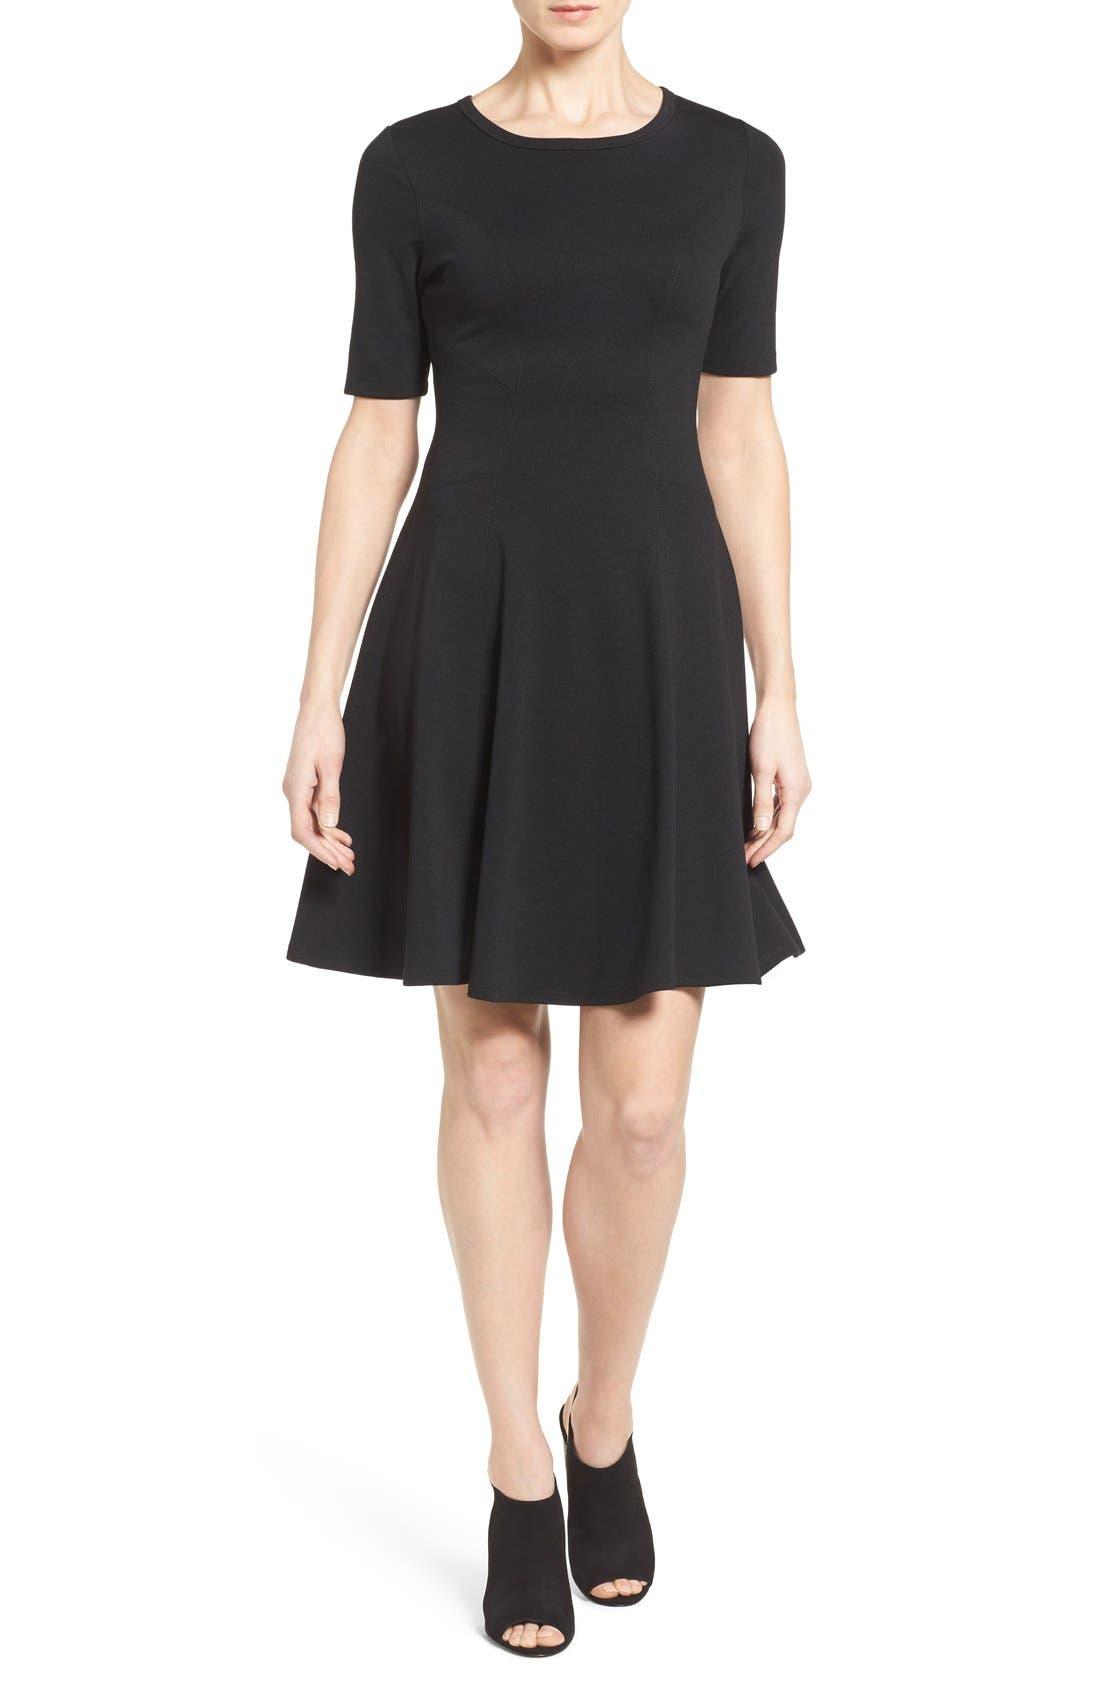 Alternate Image 1 Selected - Karen Kane 'Michelle' Short Sleeve Fit & Flare Dress